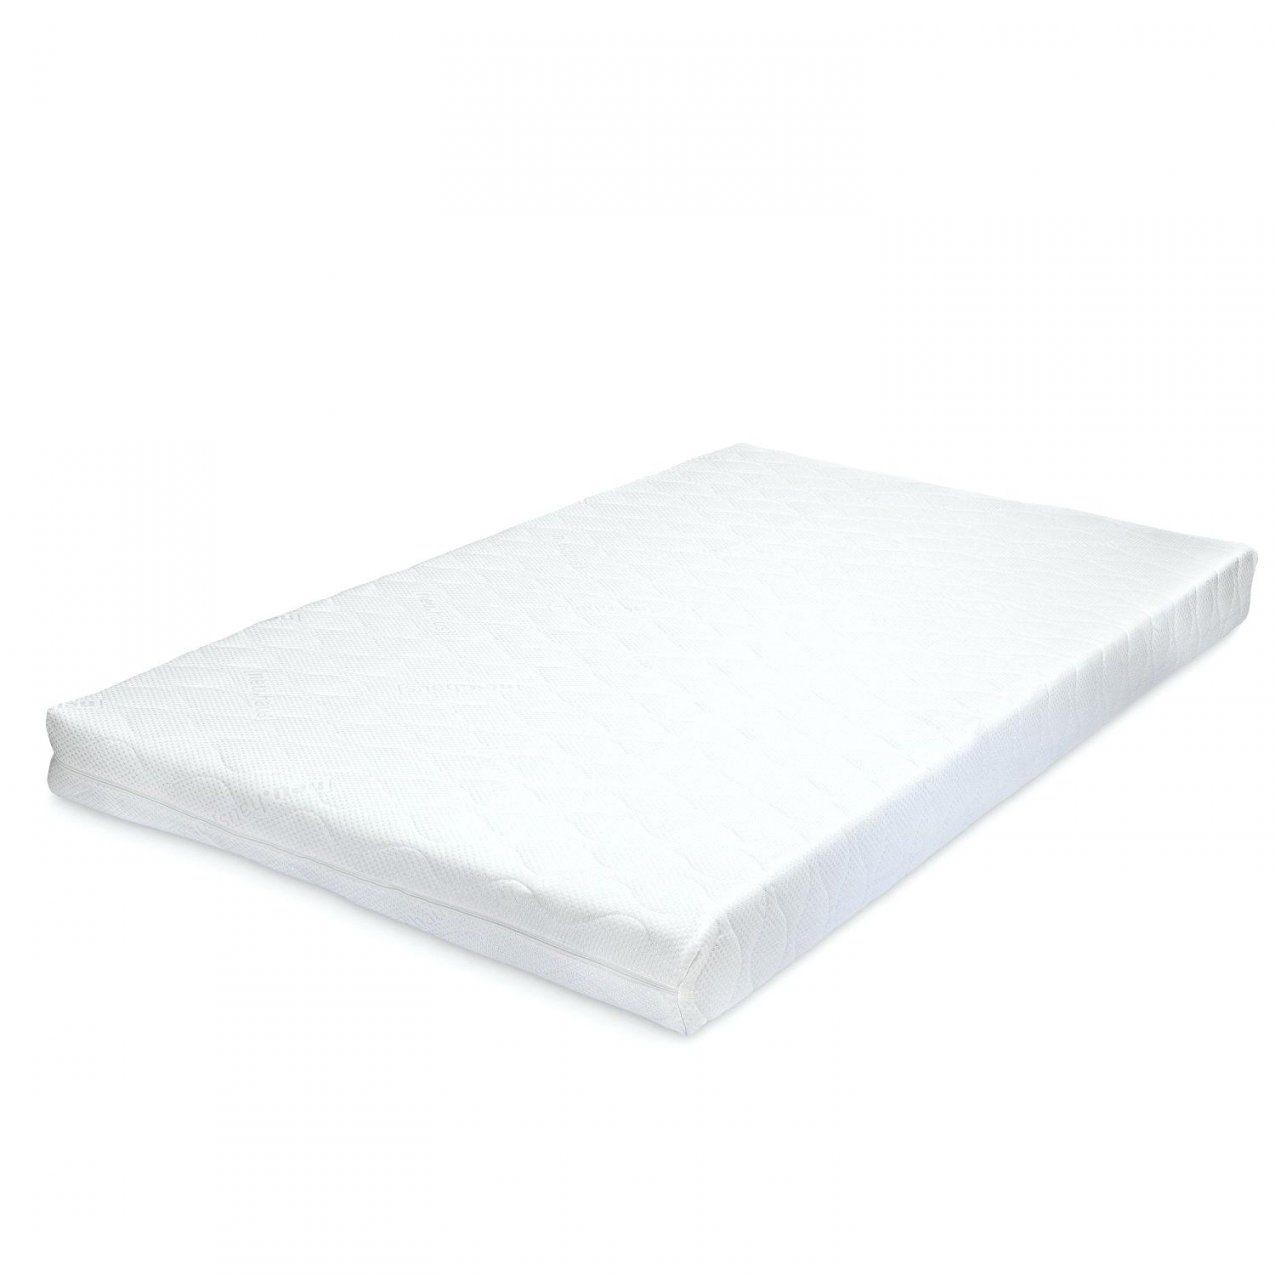 Aldi Matratzen Full Size Of Bett Gunstig Weia Tentfox Betten Mit von Aldi Süd Dormia Taschenfederkernmatratze Bild